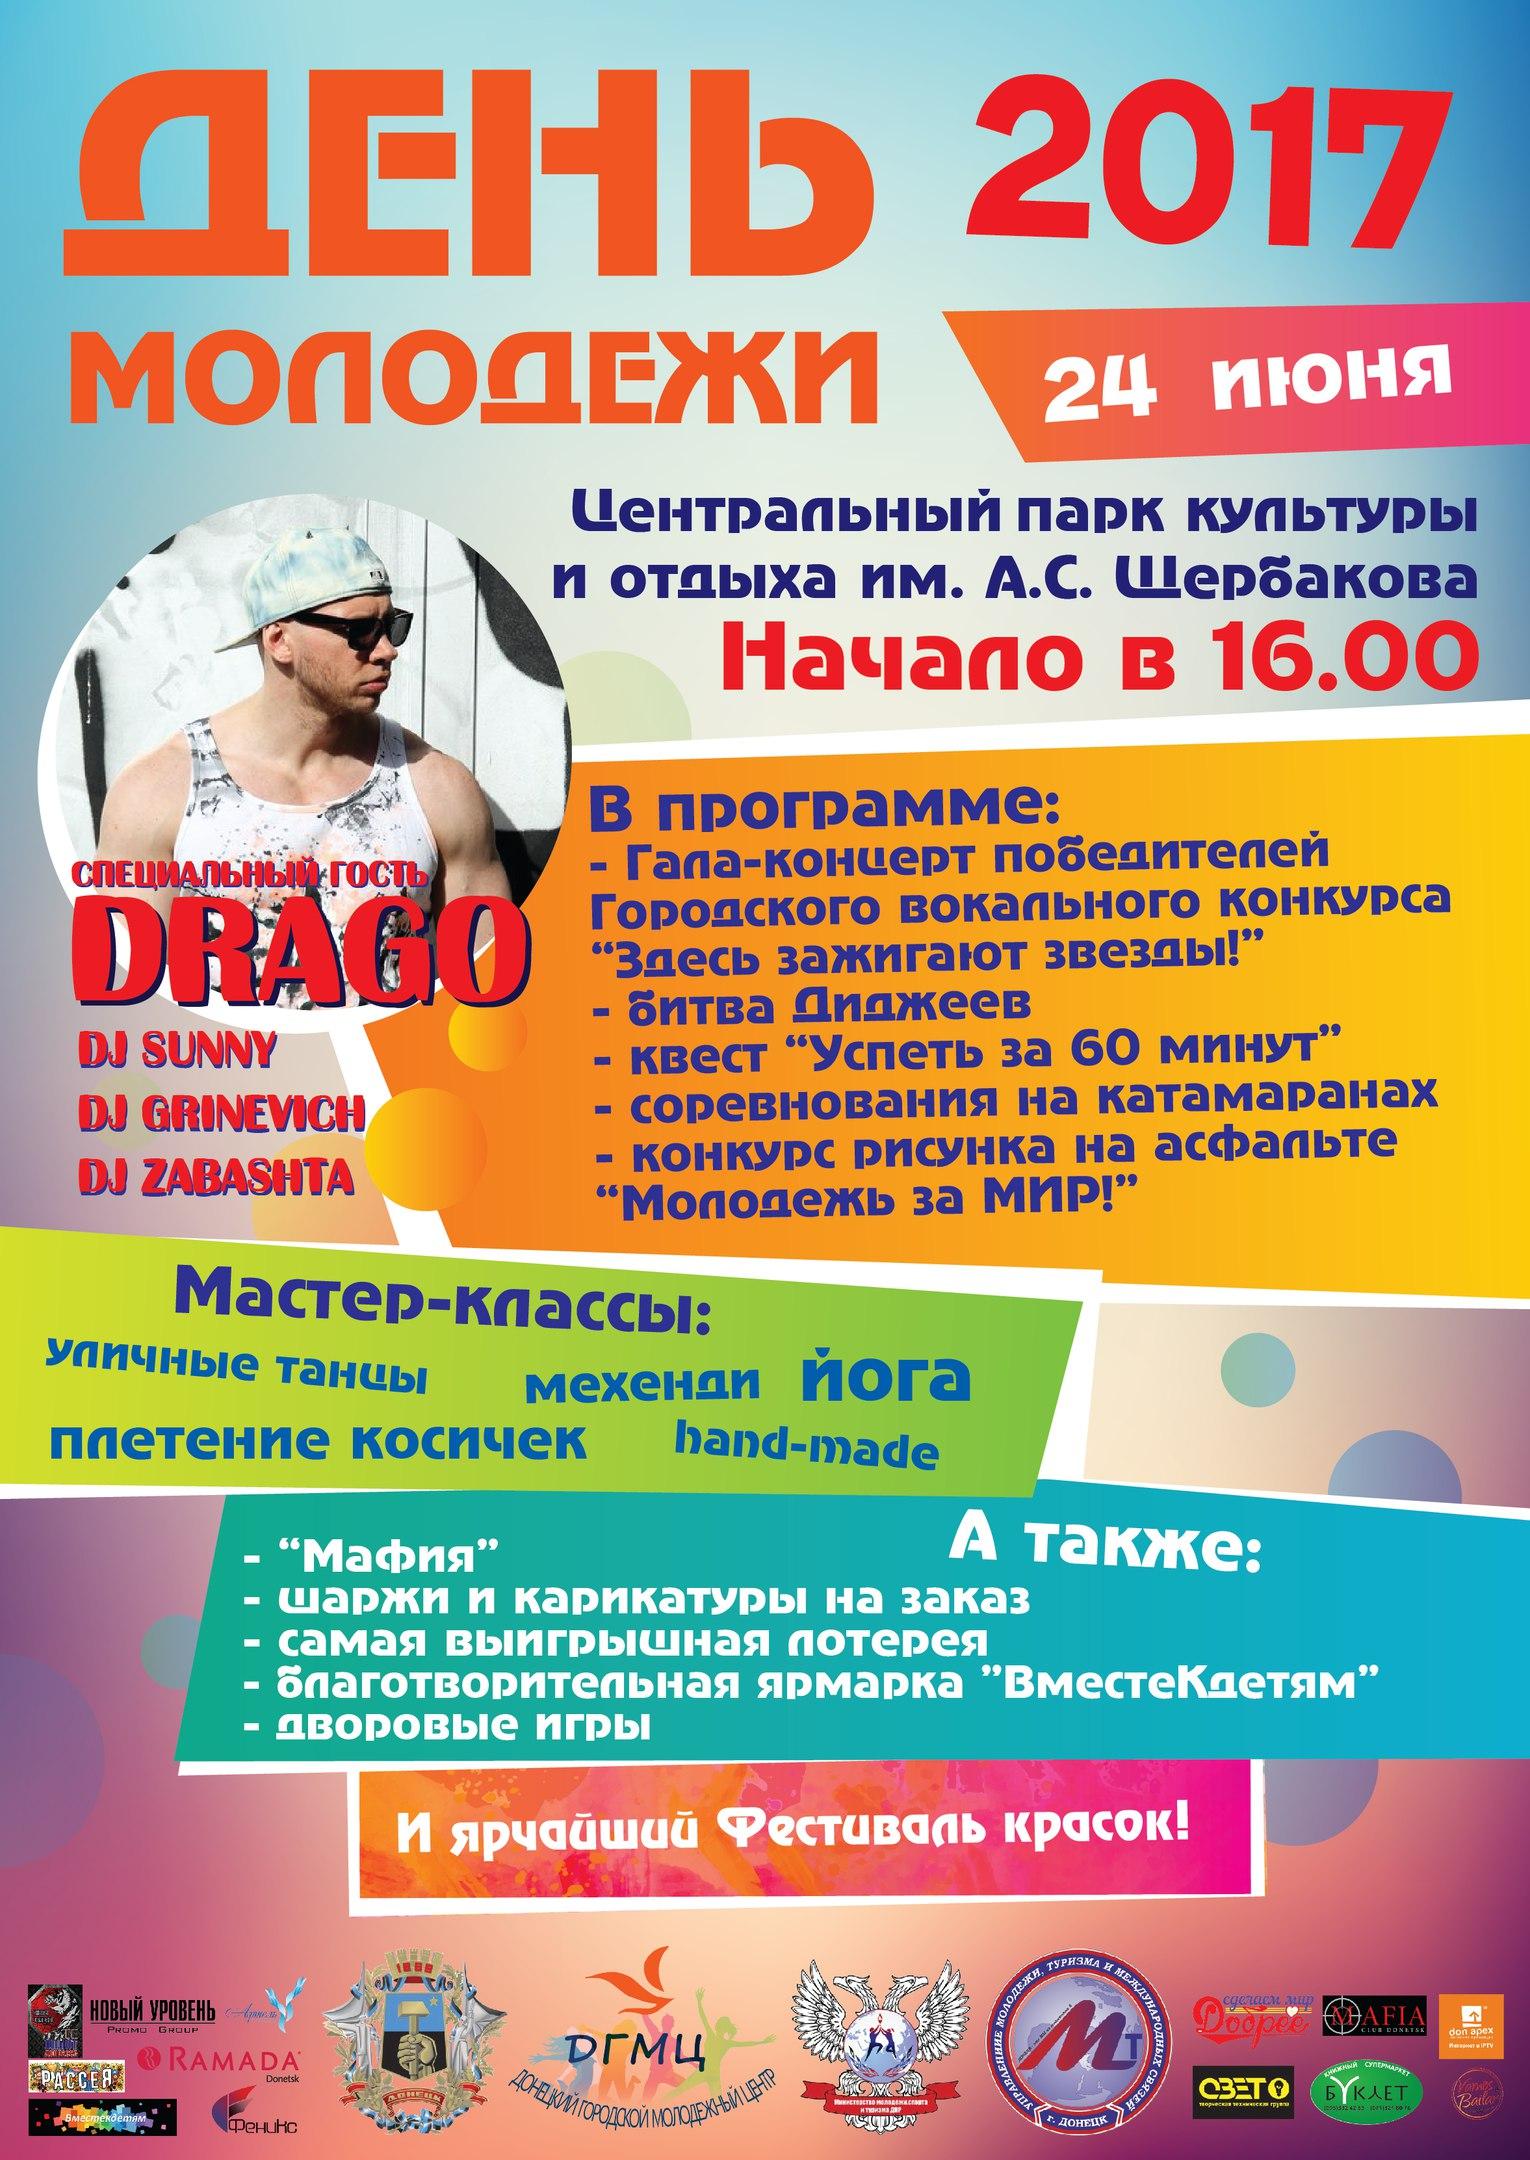 24 июня в парке Щербакова состоится празднование Дня молодежи